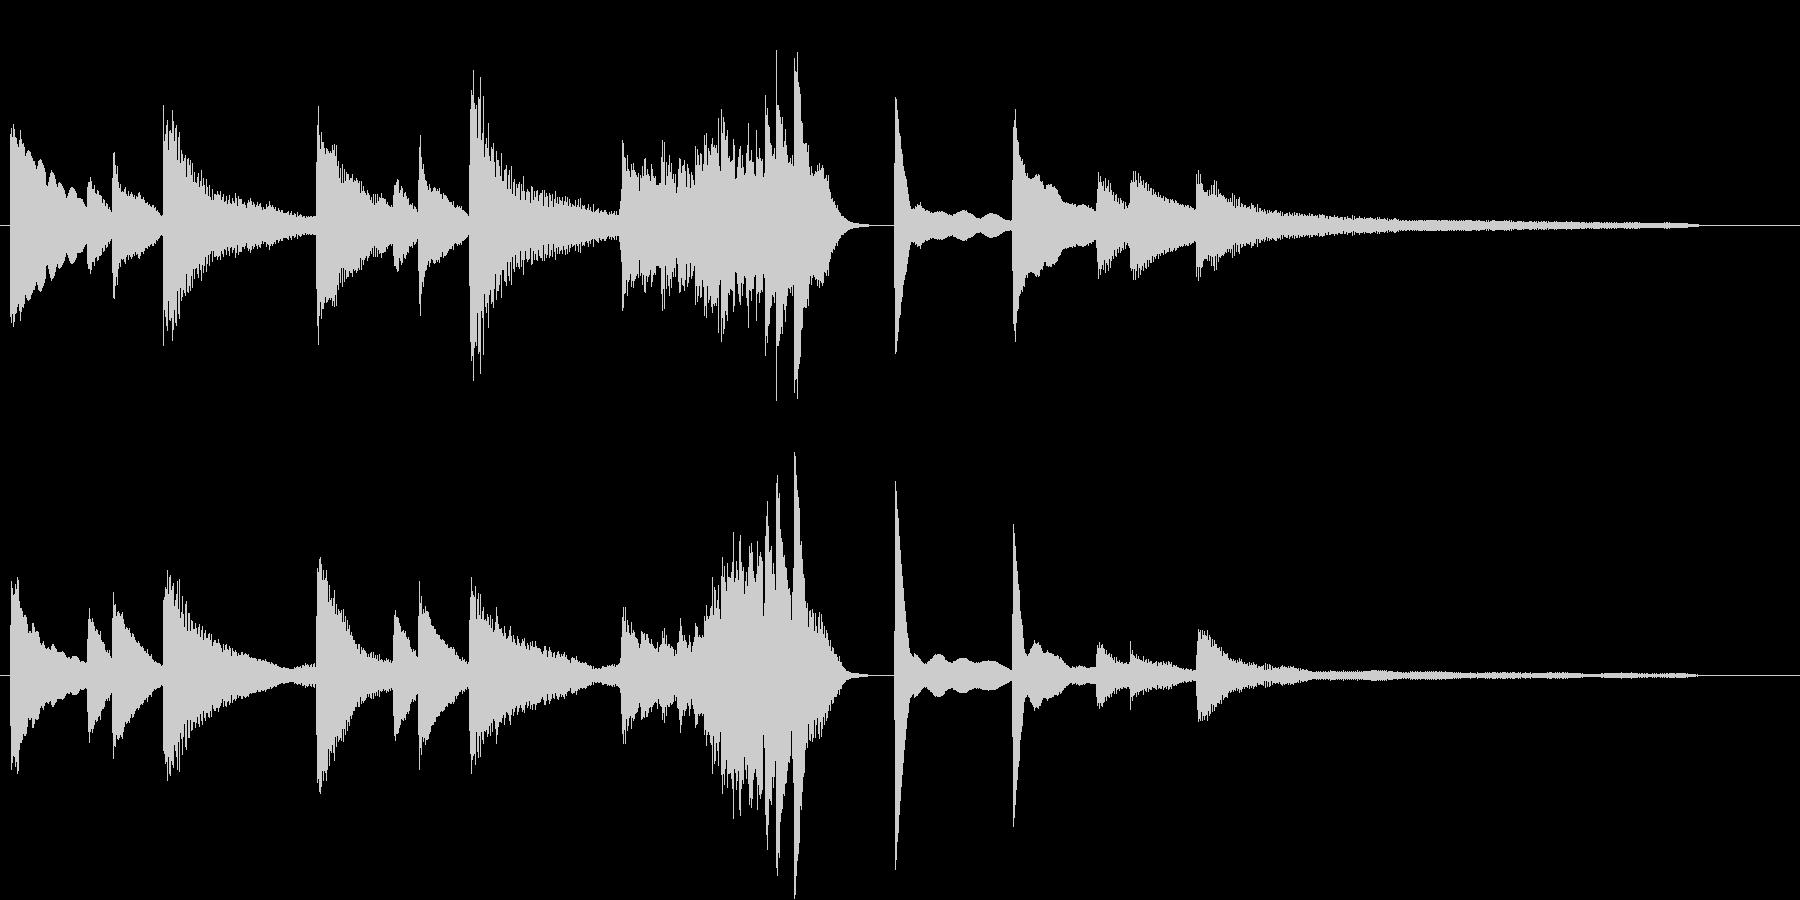 きよしこのよるモチーフのピアノジングルAの未再生の波形